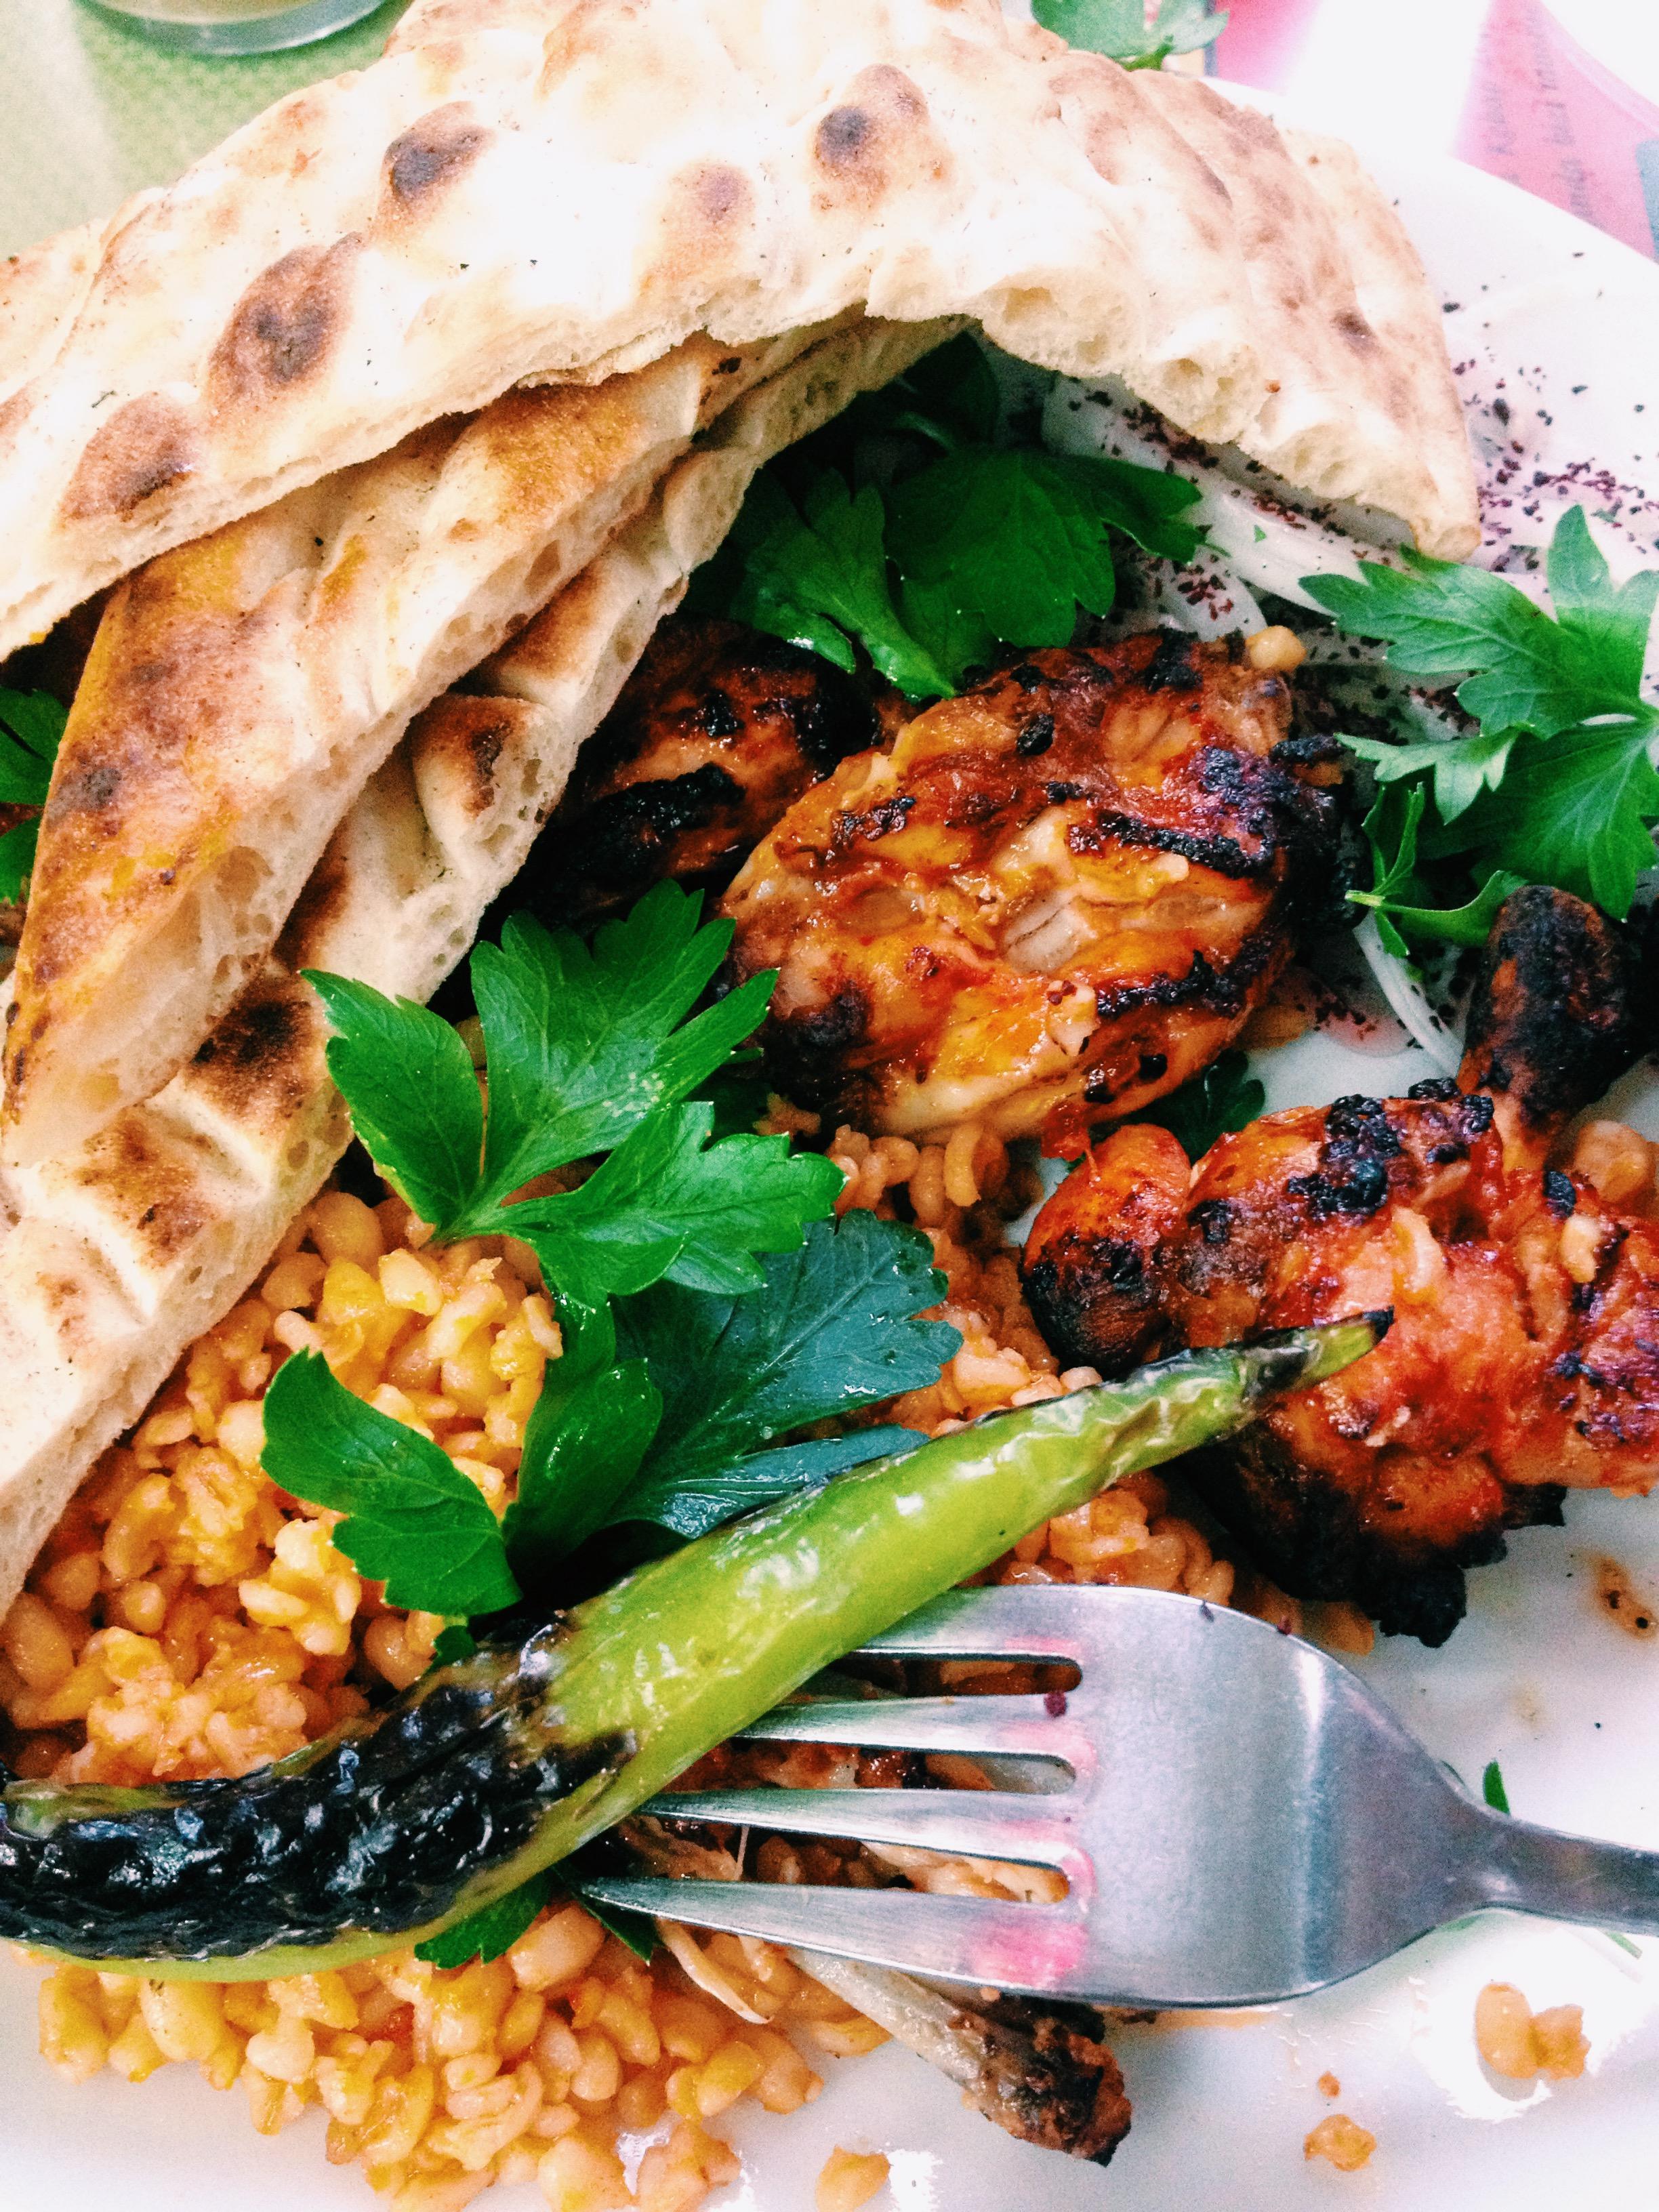 More kebab please!